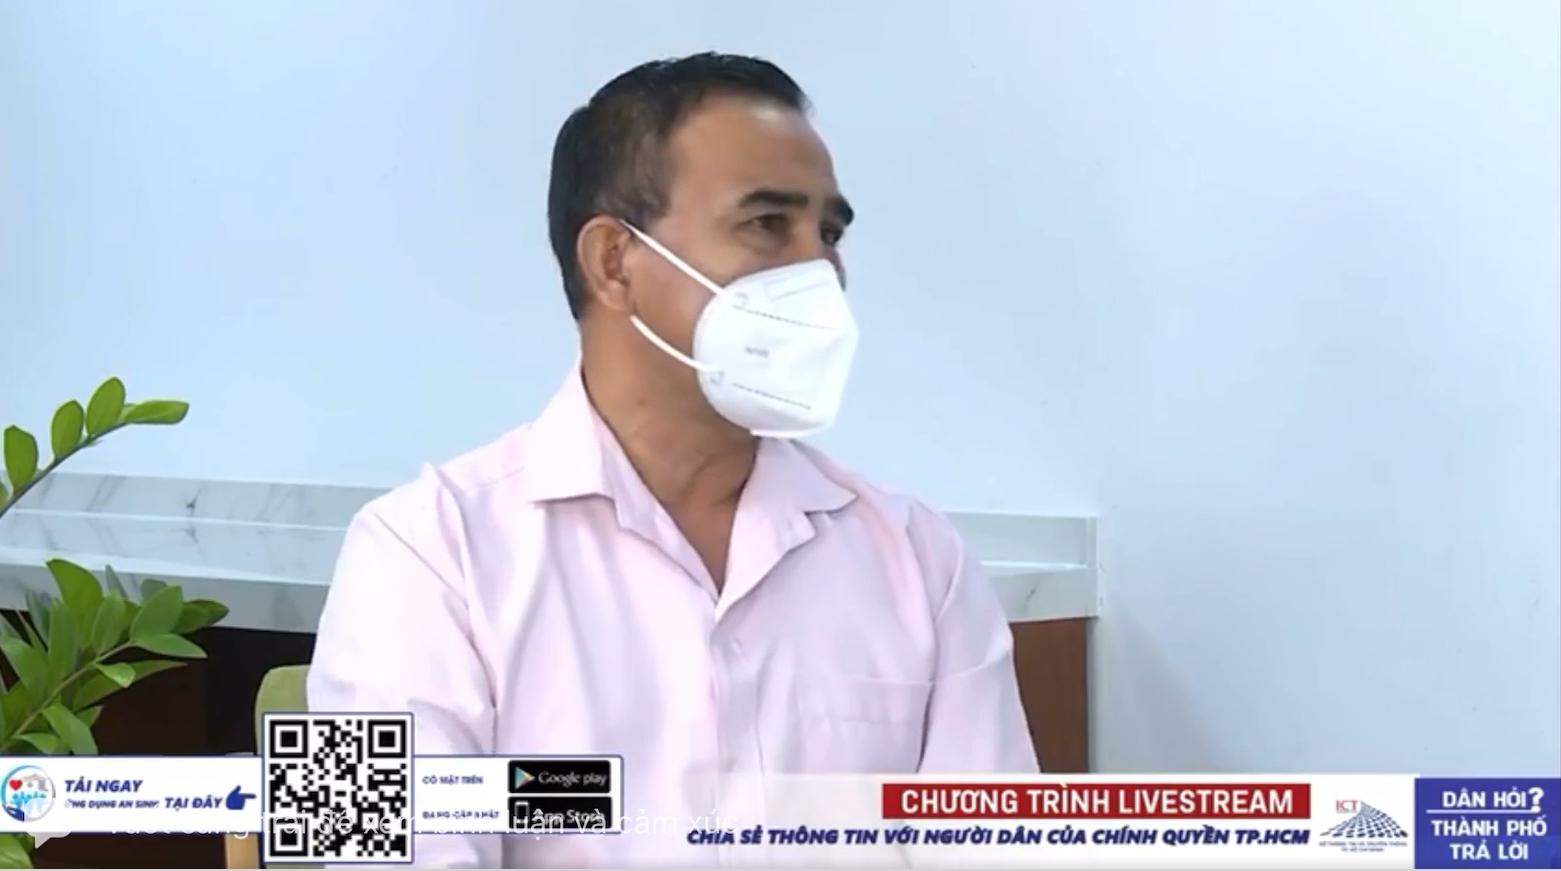 Quyền Linh lại nói hộ lòng người trên livestream: